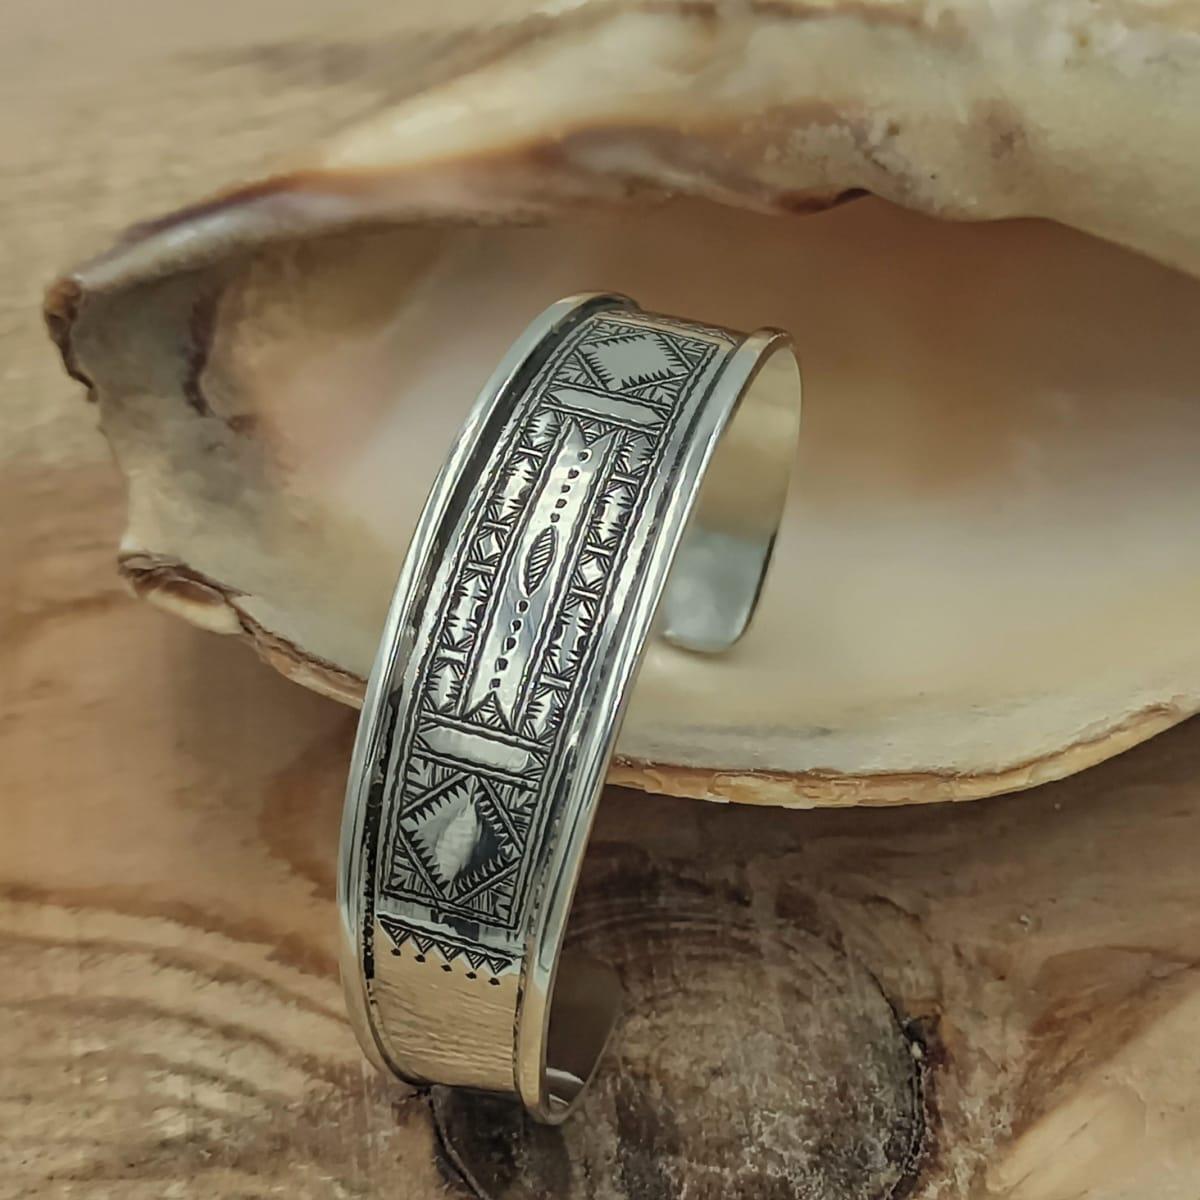 Bracelet 800 Tiznit Silver Black Morocco